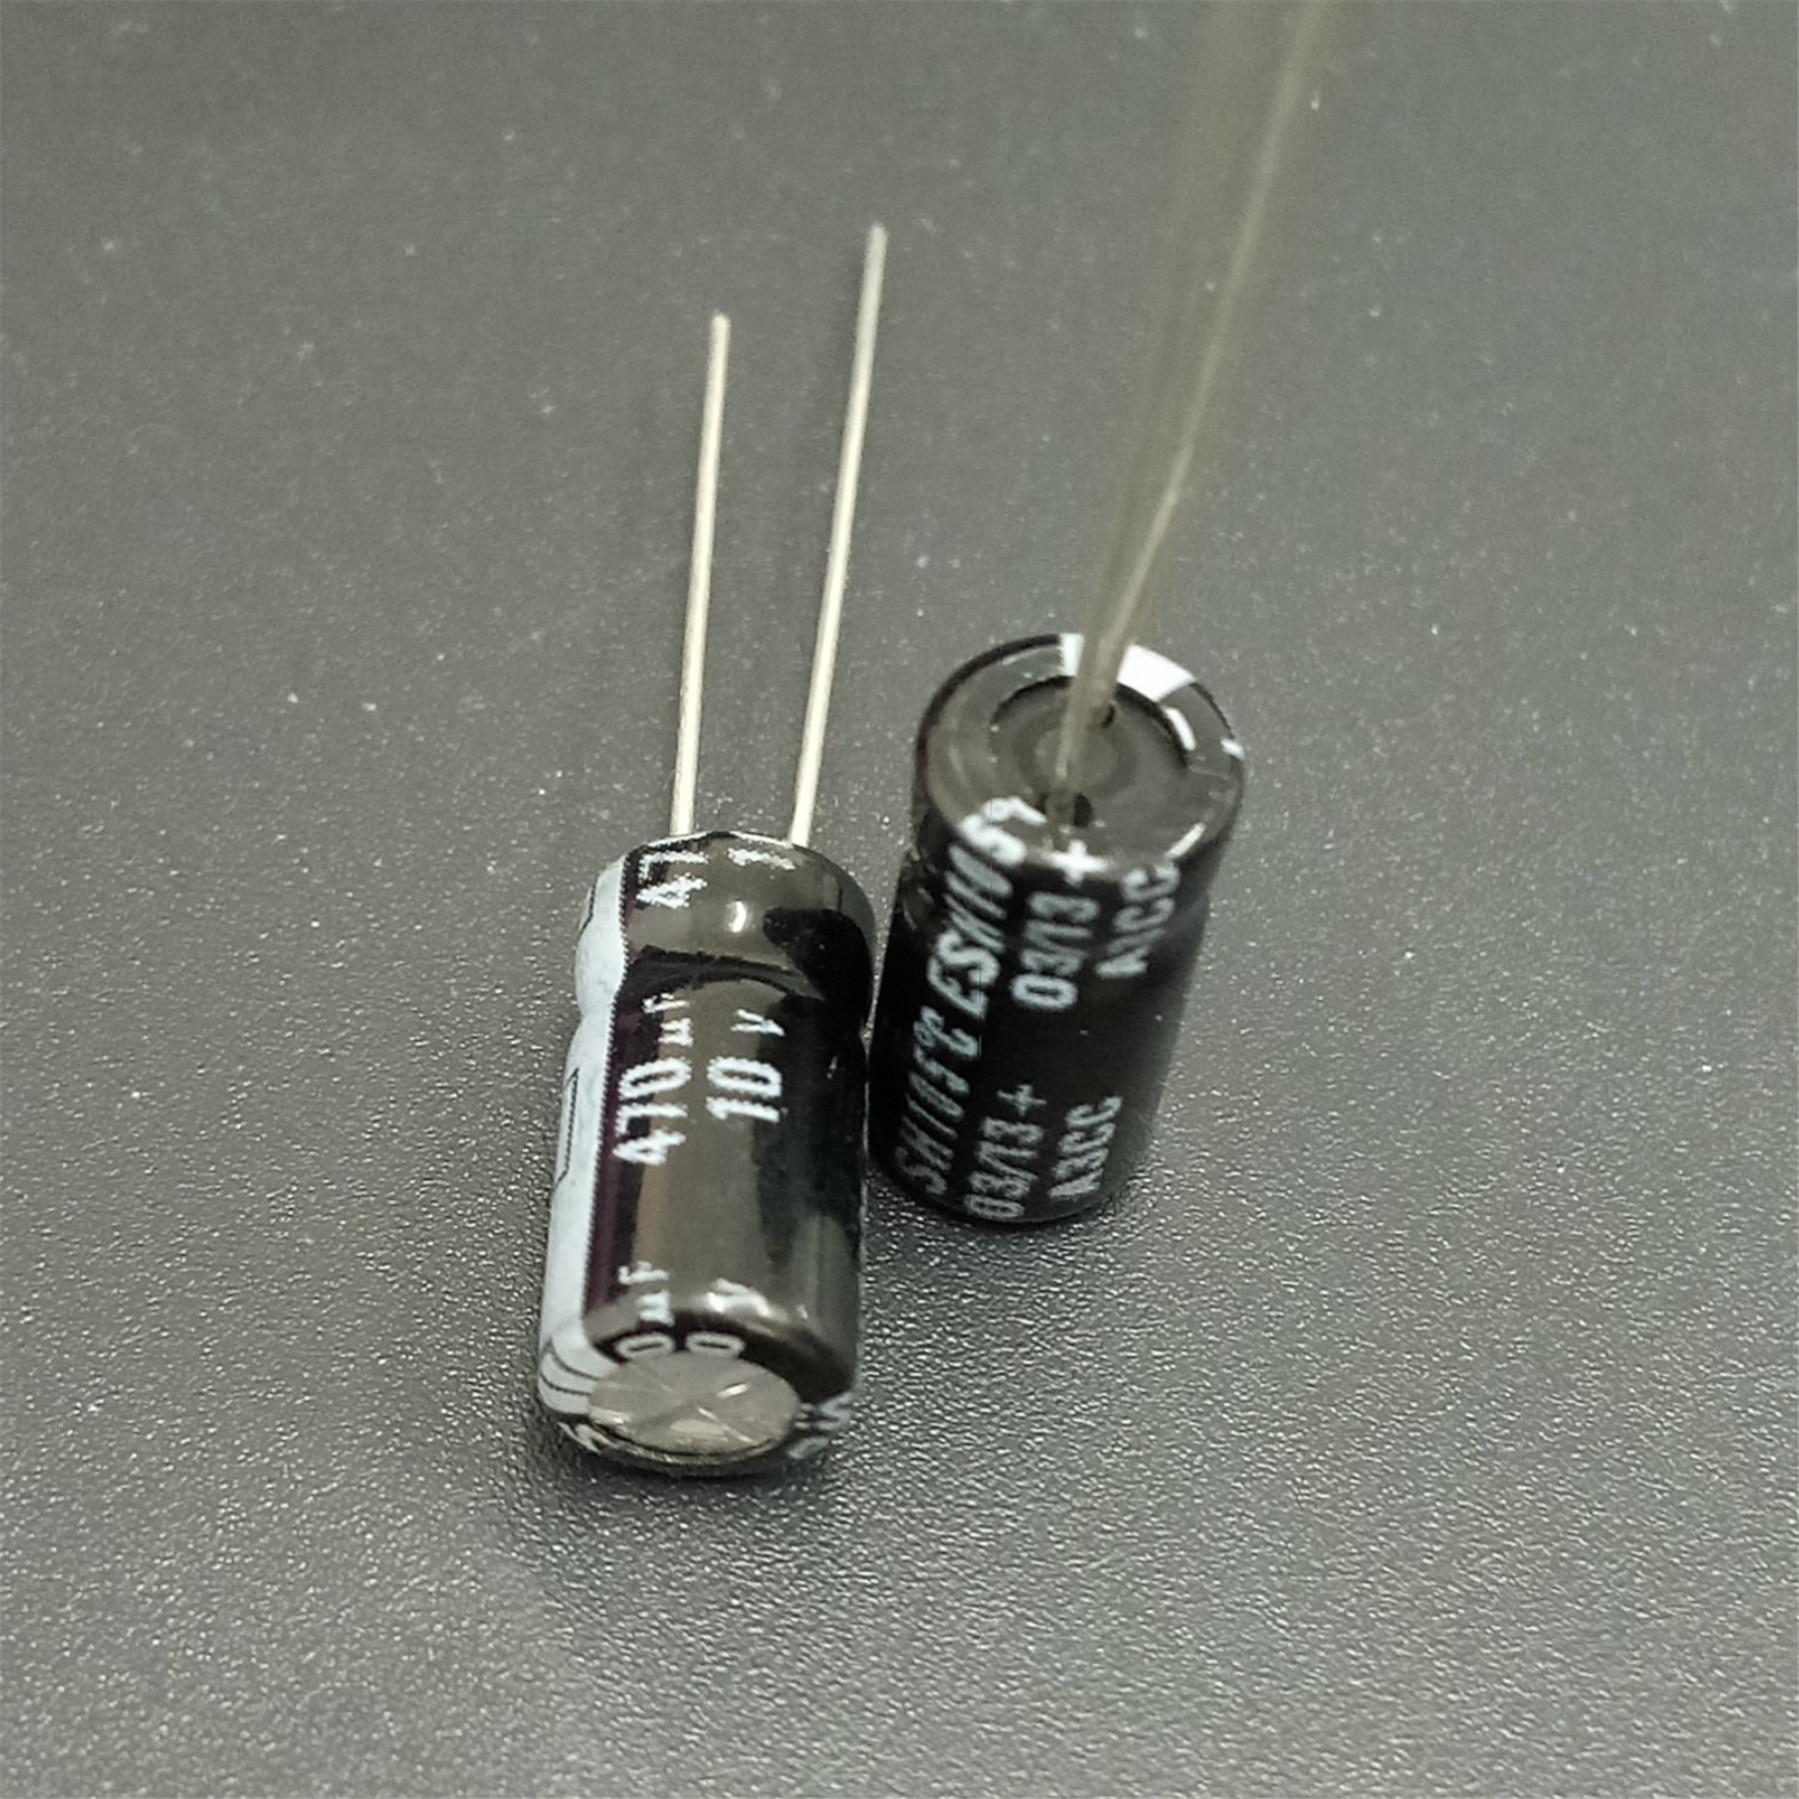 20 шт. 470 мкФ 10 в KEMET ESH серия 6,3x12 мм 10V470uF алюминиевый электролитический конденсатор